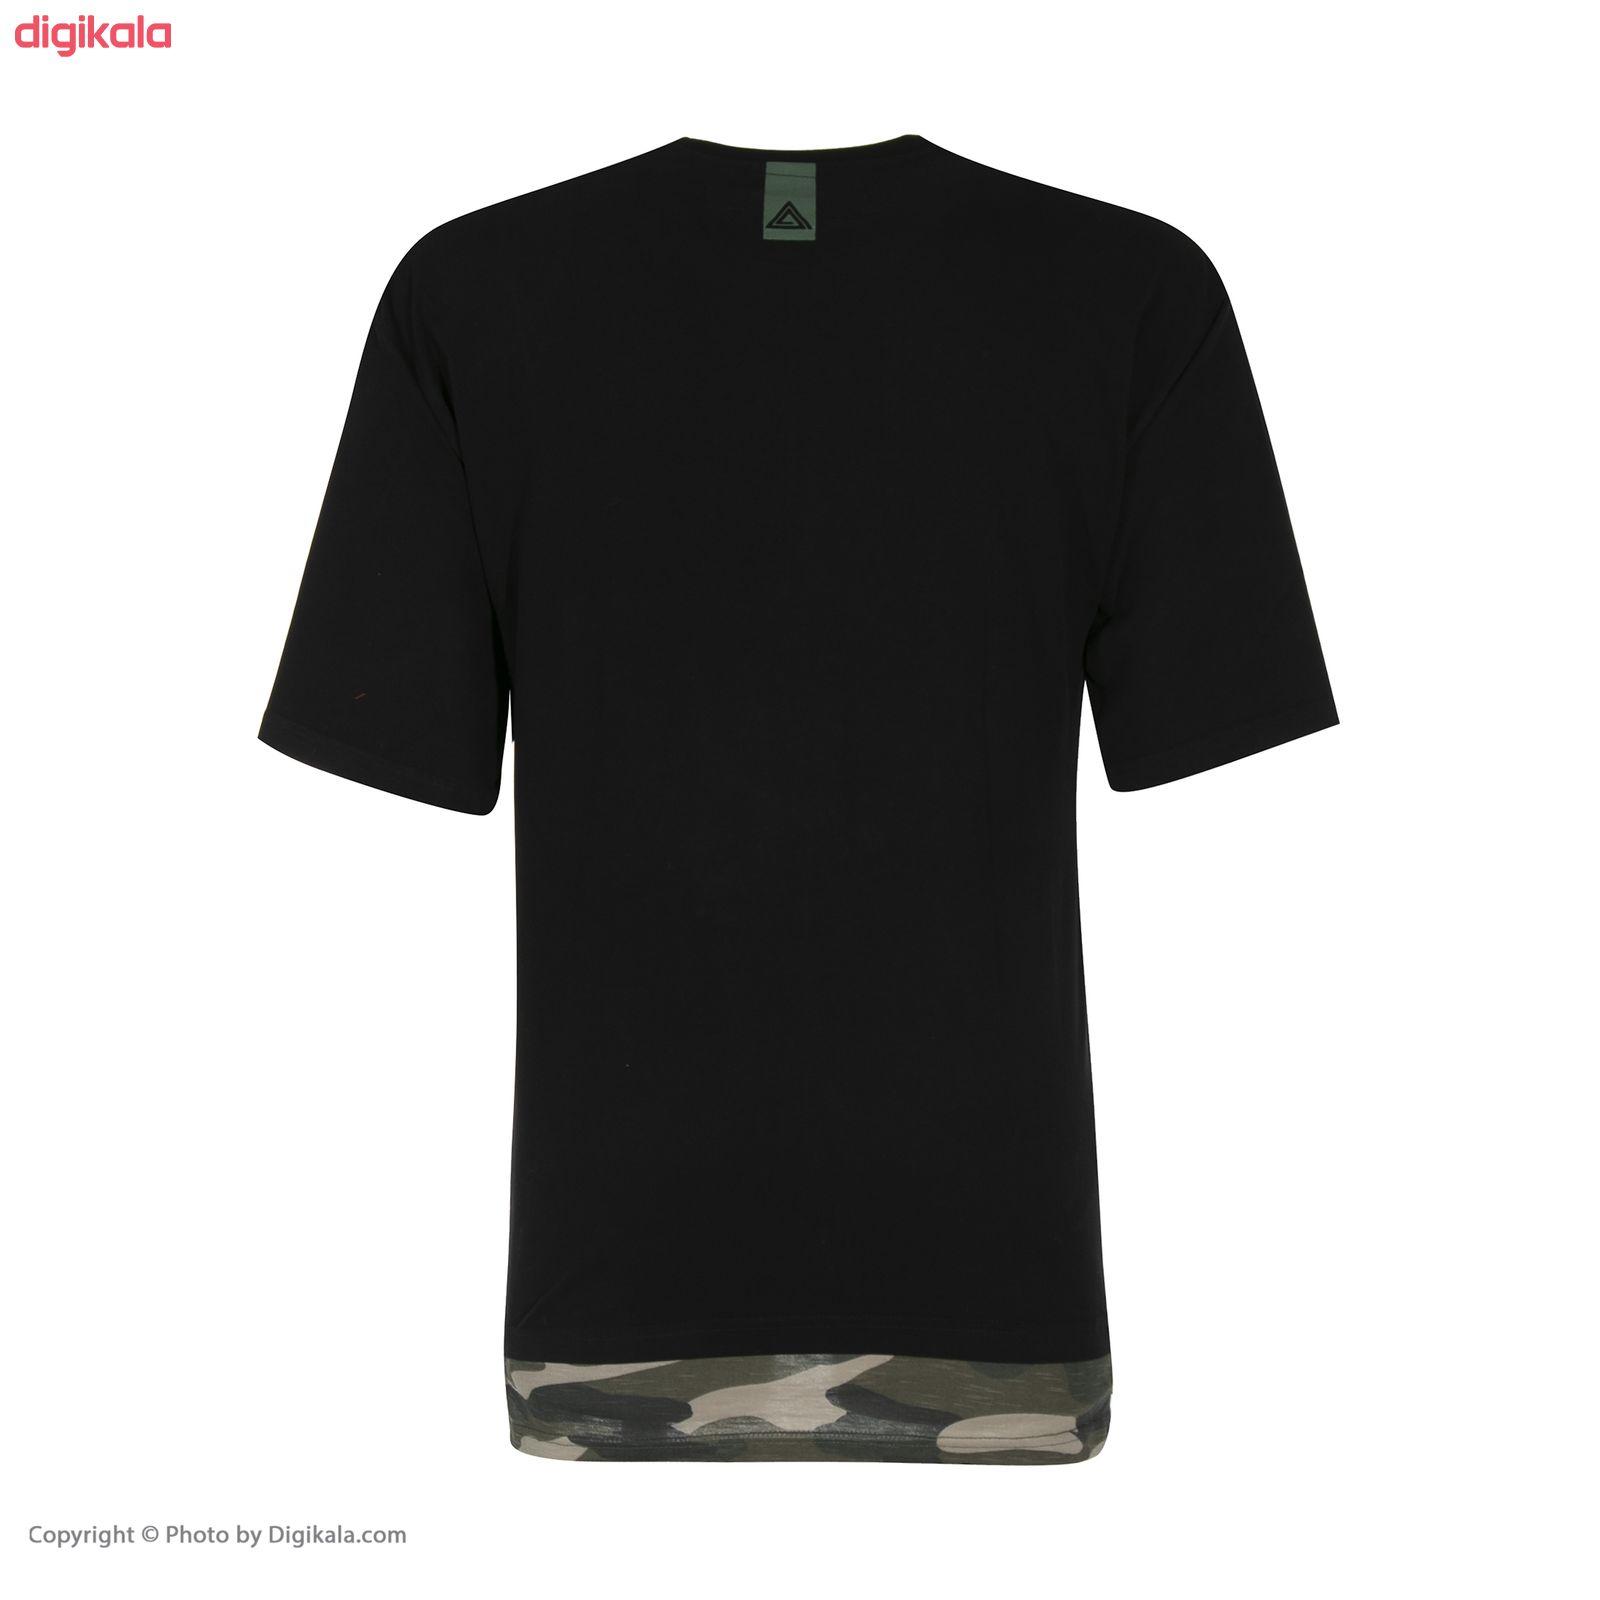 خرید اینترنتی با تخفیف ویژه تیشرت مردانه وستیتی کد L3